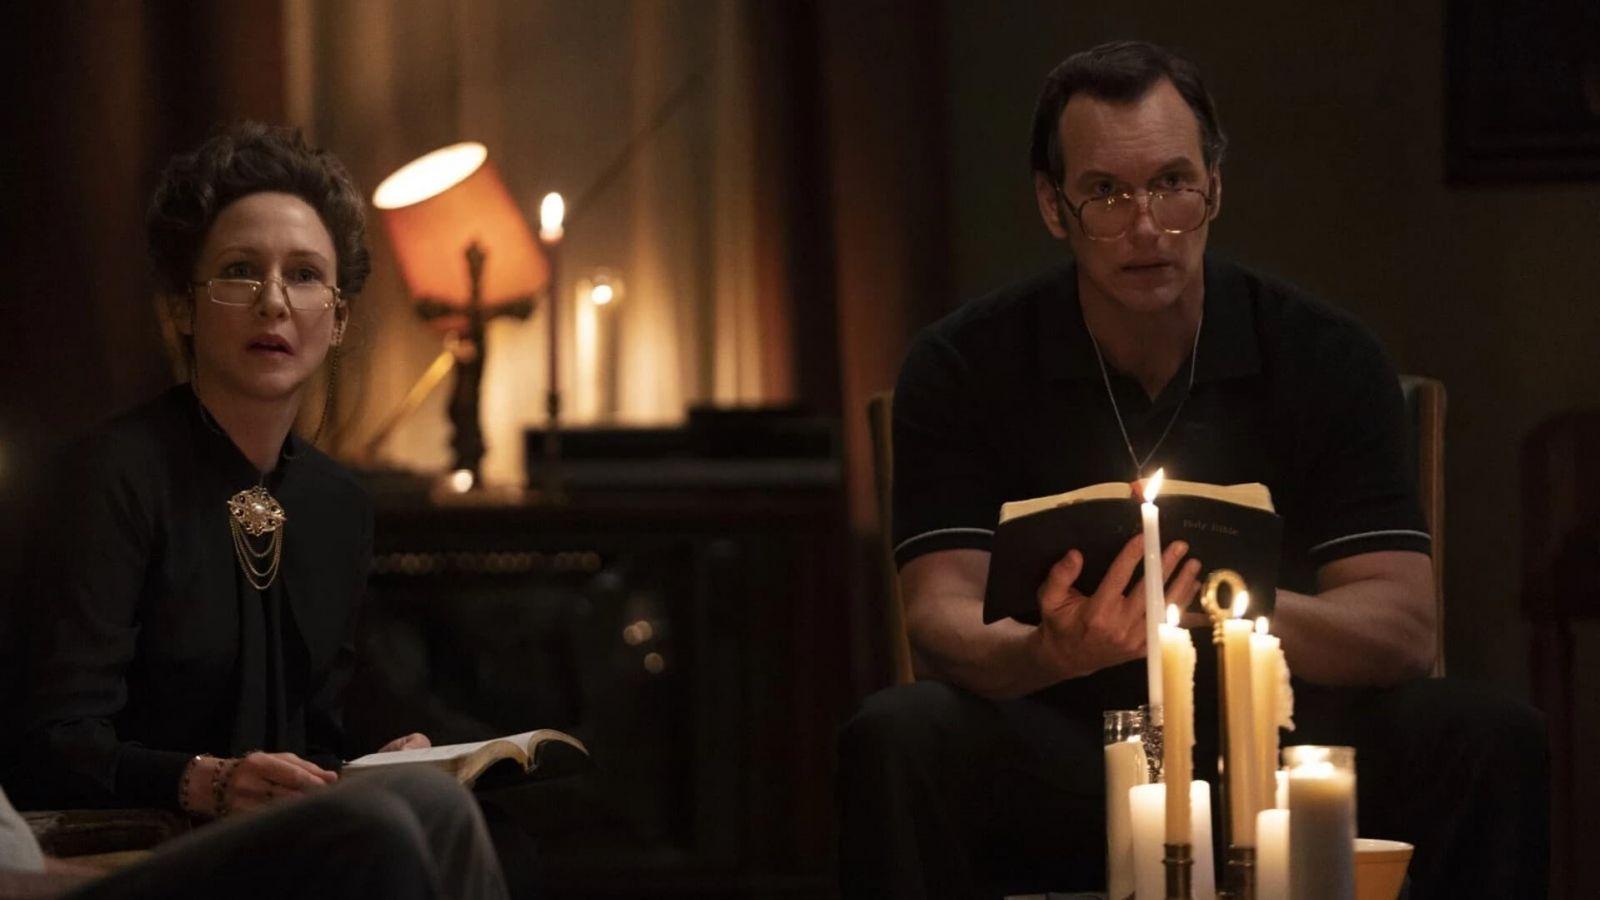 Патрик Уилсон в роли Эд Уоррена на кадре из фильма «Заклятие 3: По воле дьявола»